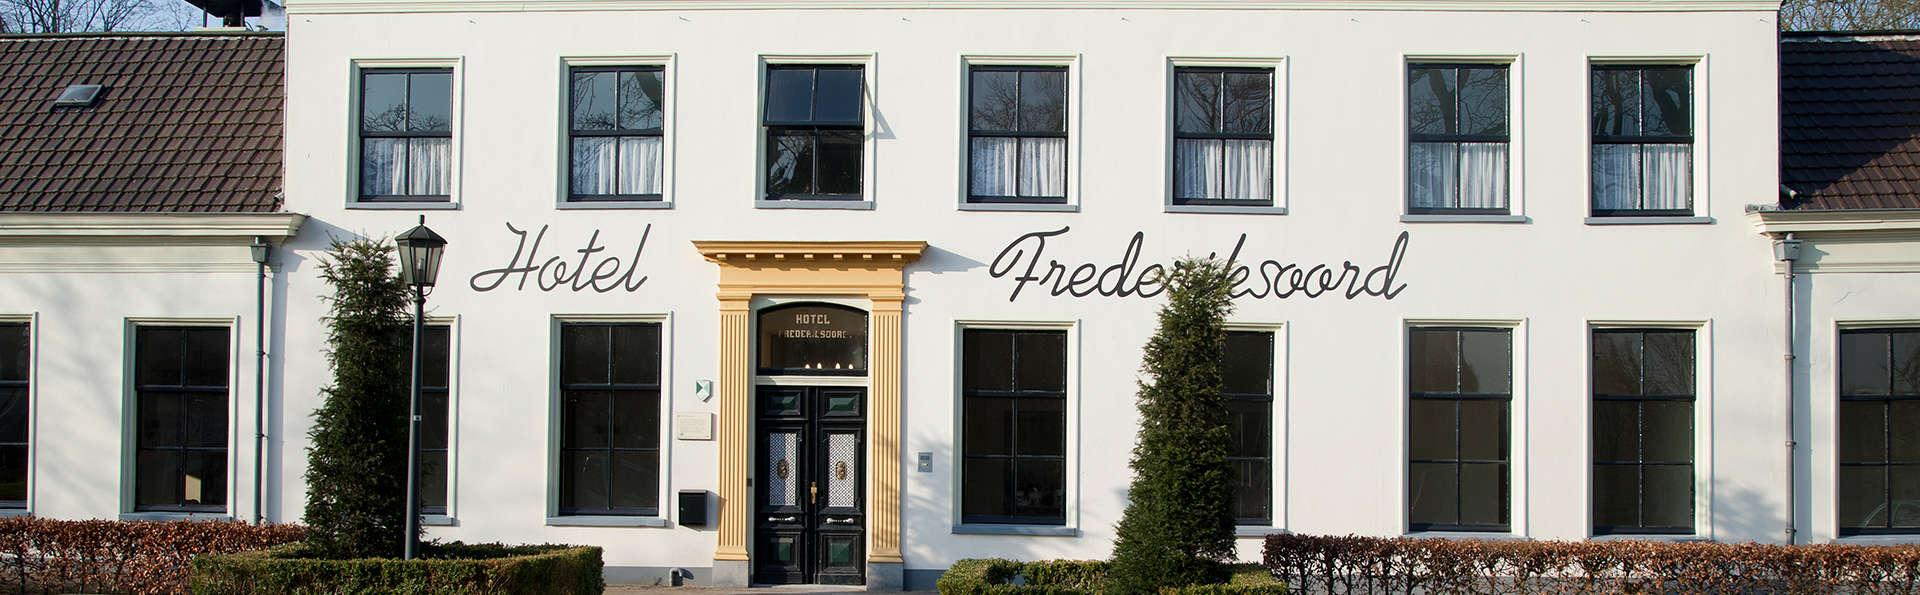 Hotel Frederiksoord - Edit_Front3.jpg